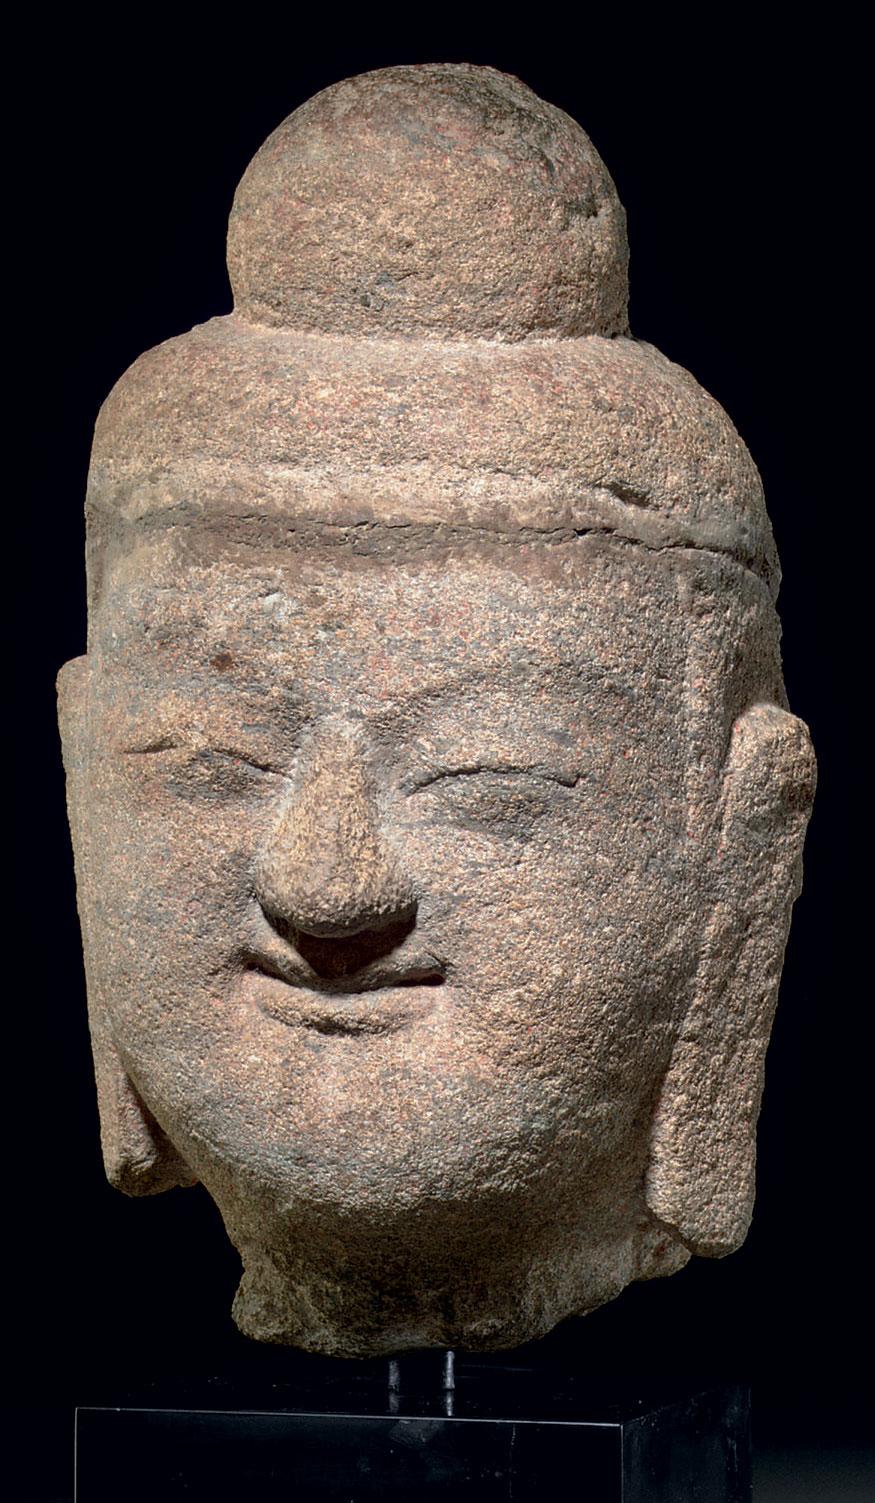 A RARE SANDSTONE HEAD OF BUDDH